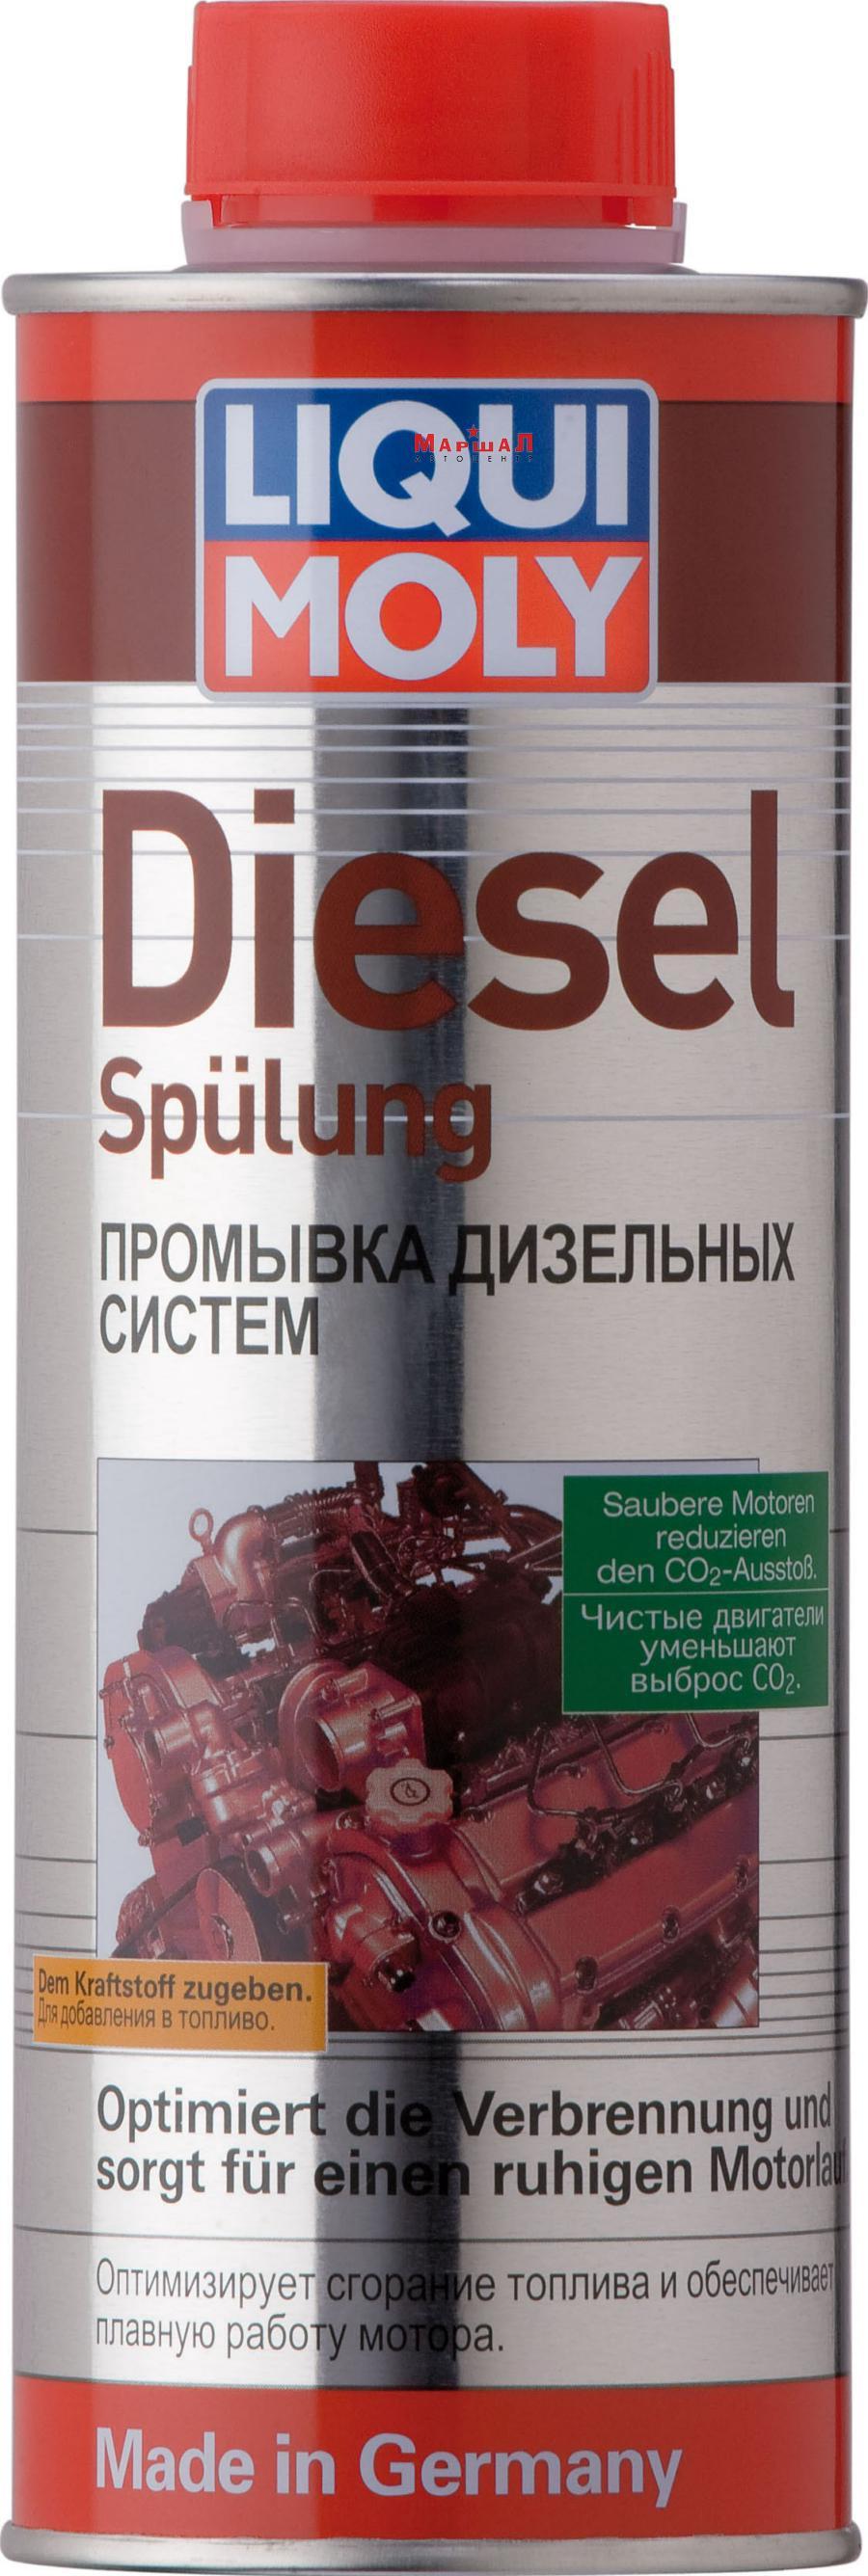 Промывка дизельных систем Diesel Spulung (0,5л)